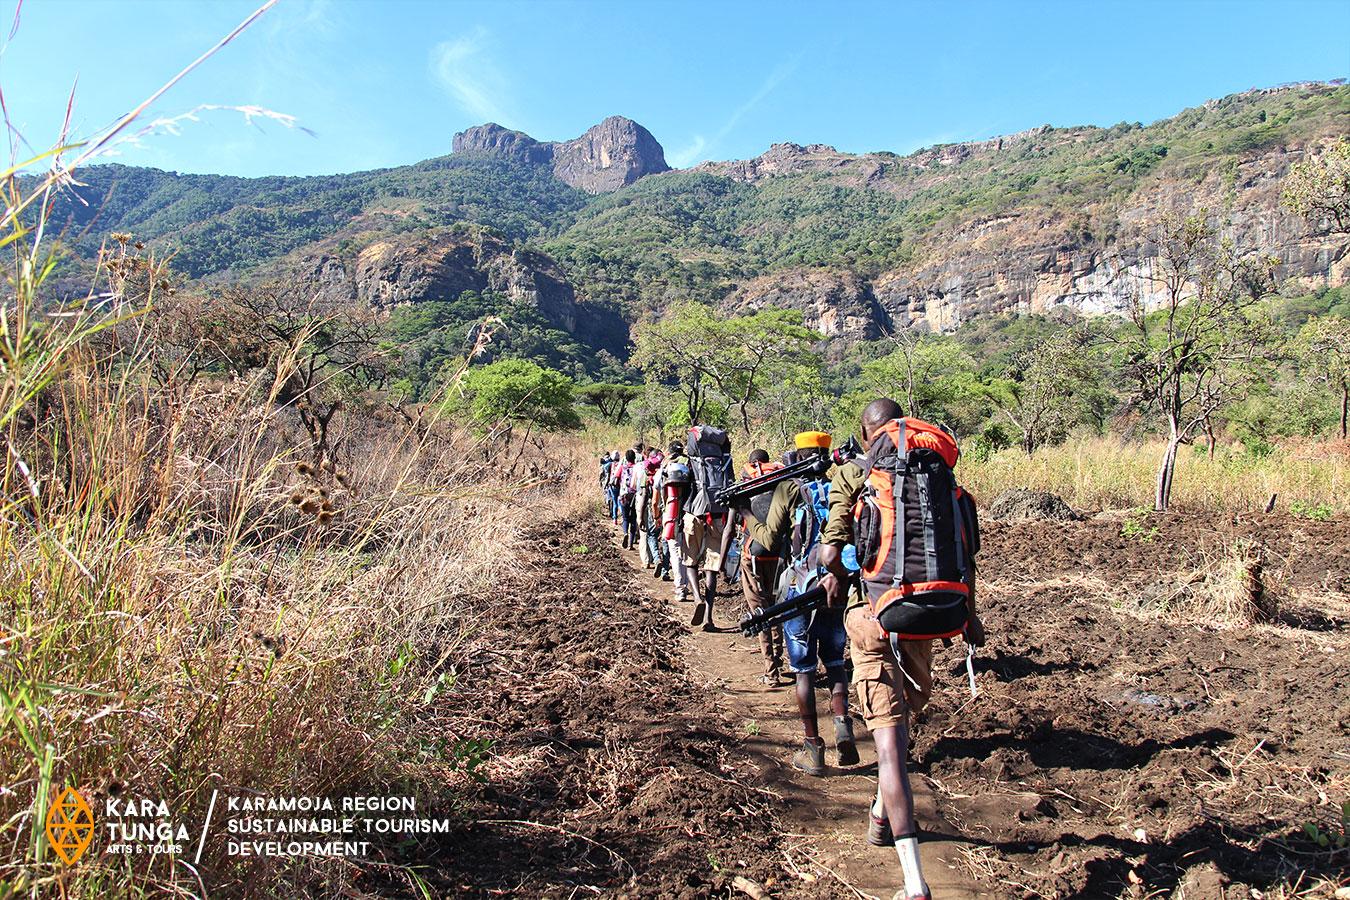 karamoja-hiking-guides-assessement-mount-moroto-kadam-napak-morungole